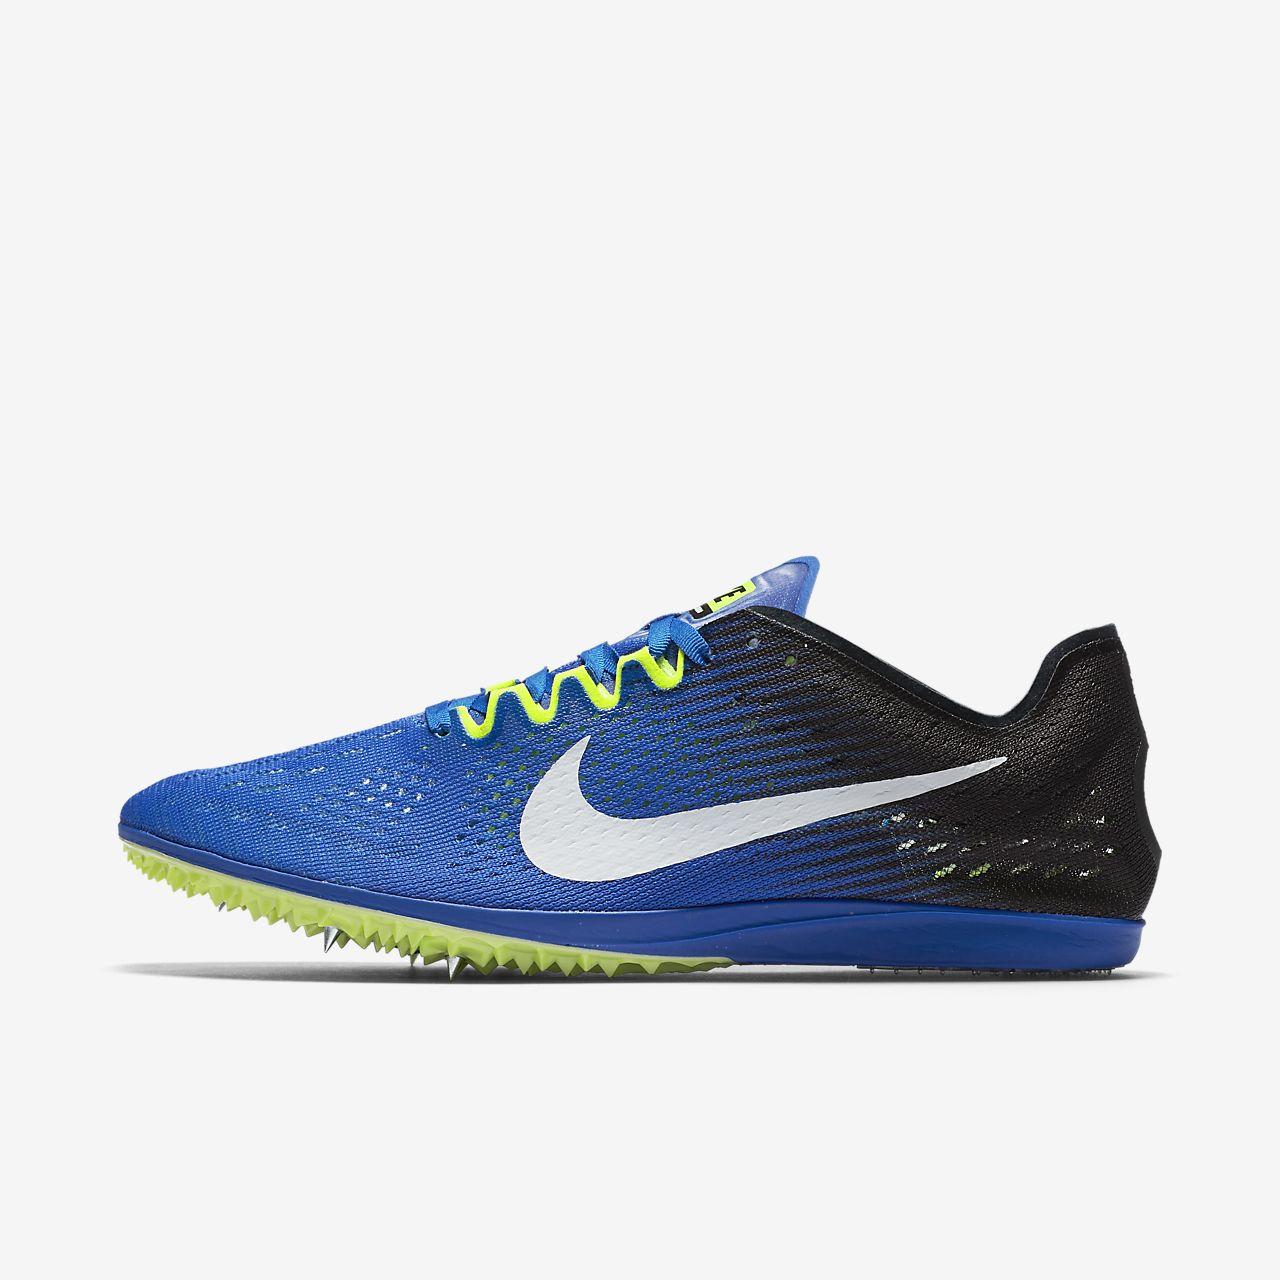 ... Scarpa chiodata per corse sulla distanza Nike Zoom Matumbo 3 - Unisex 8a08d4ca2d7